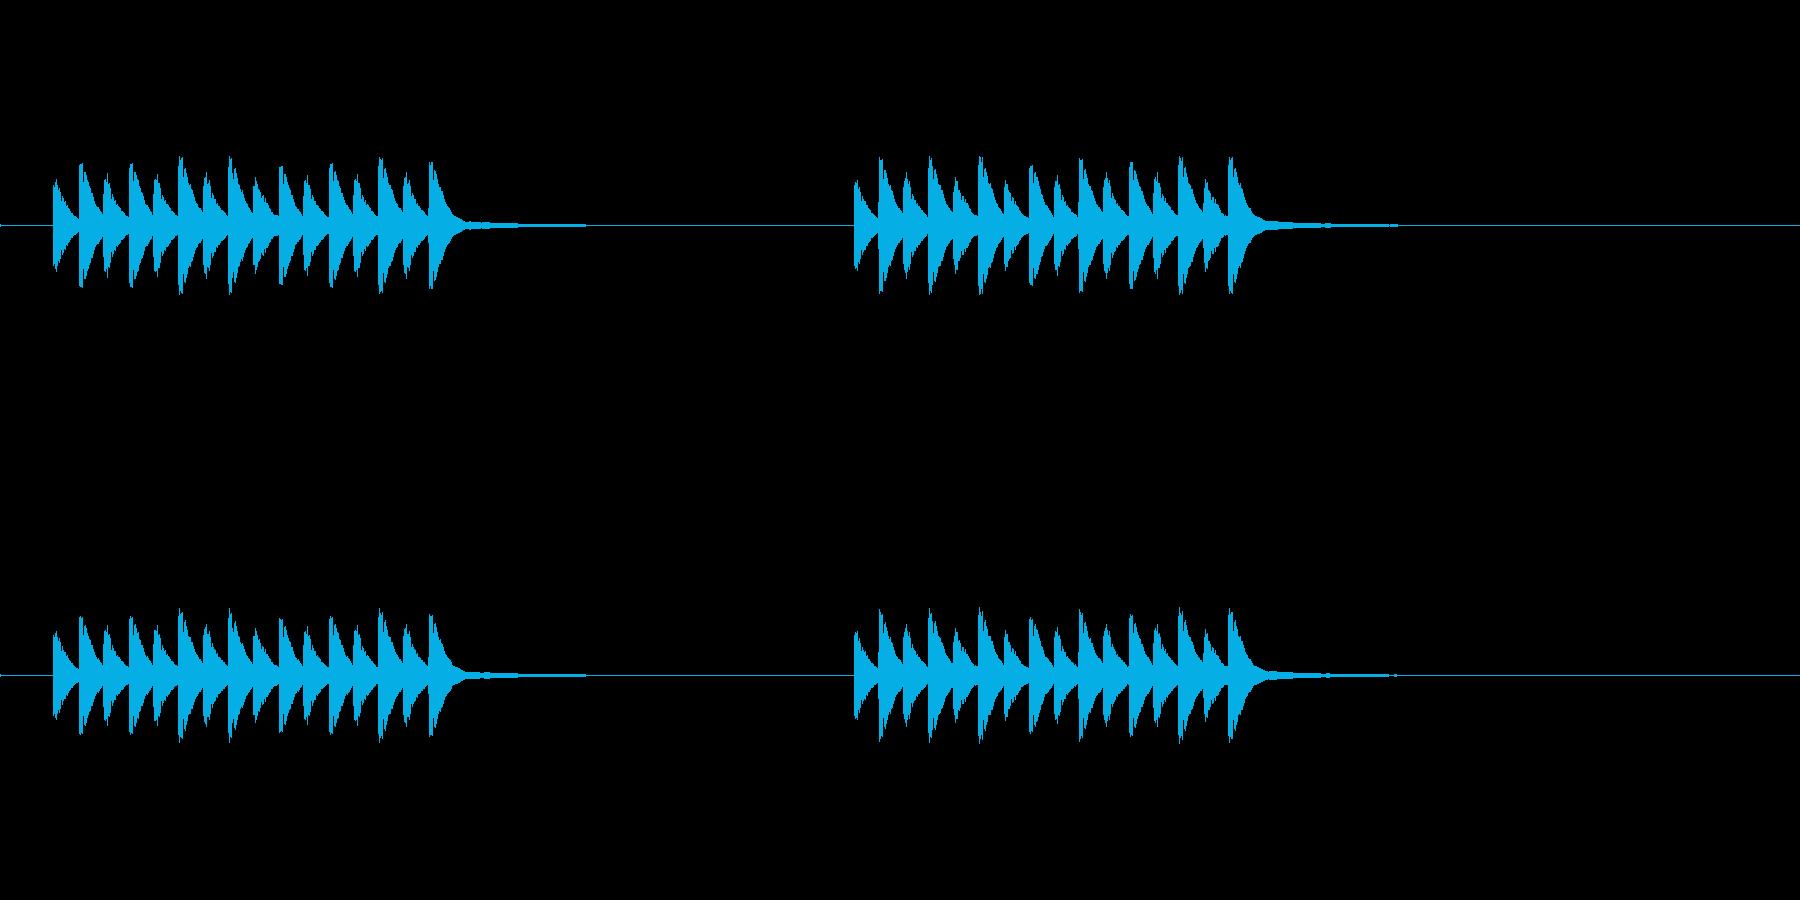 スマホ系コール音の再生済みの波形